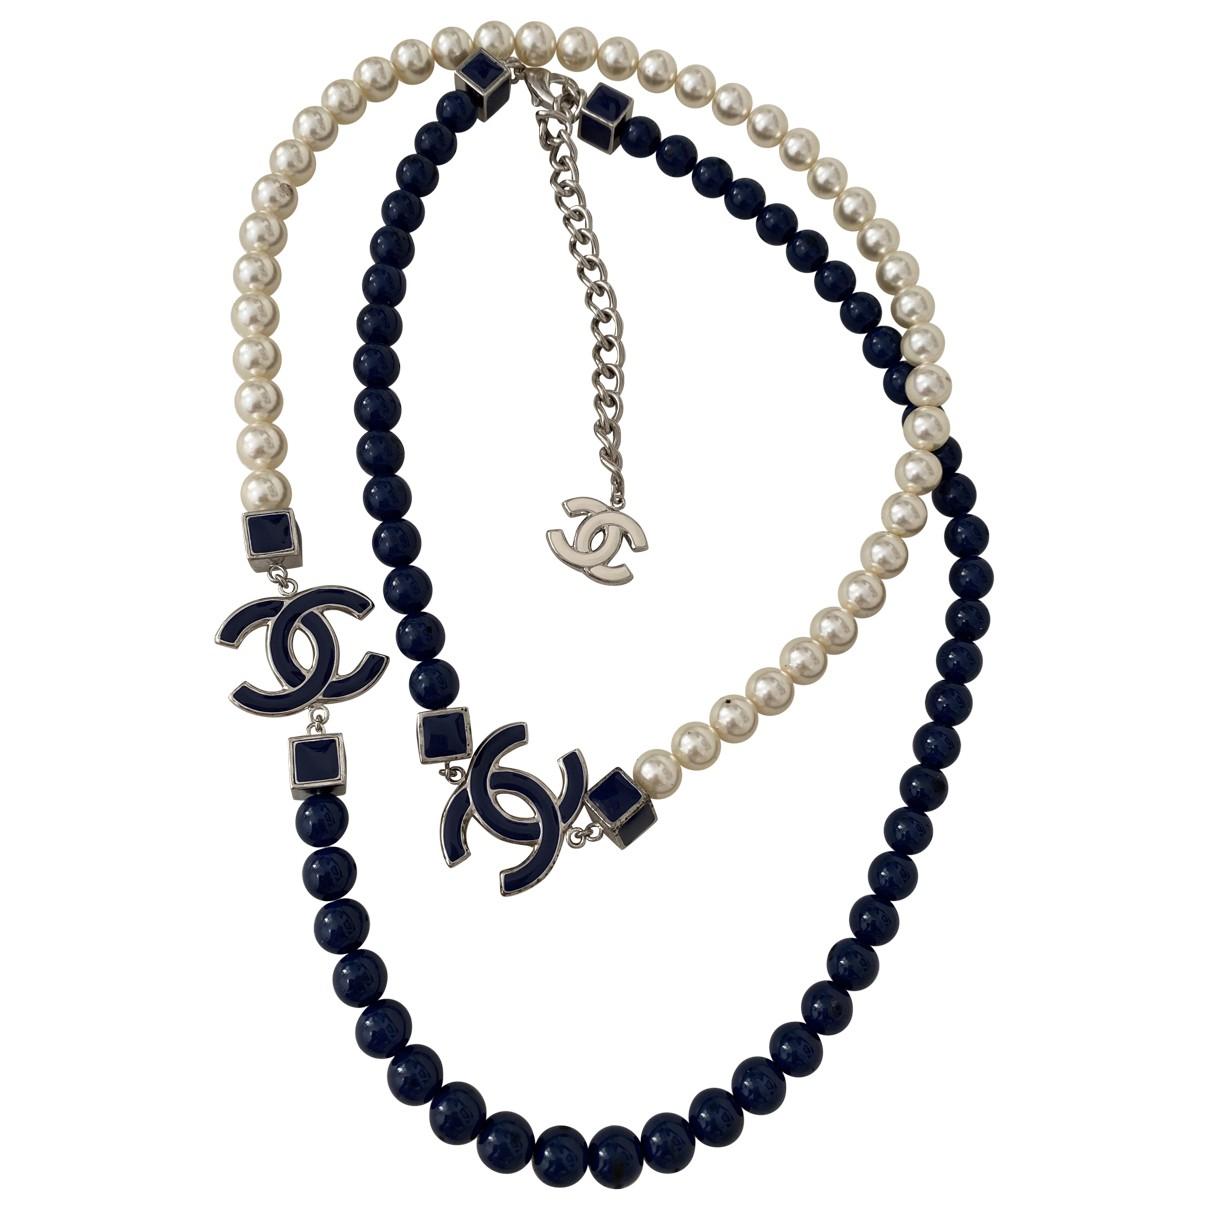 Chanel CC Halskette in Perlen